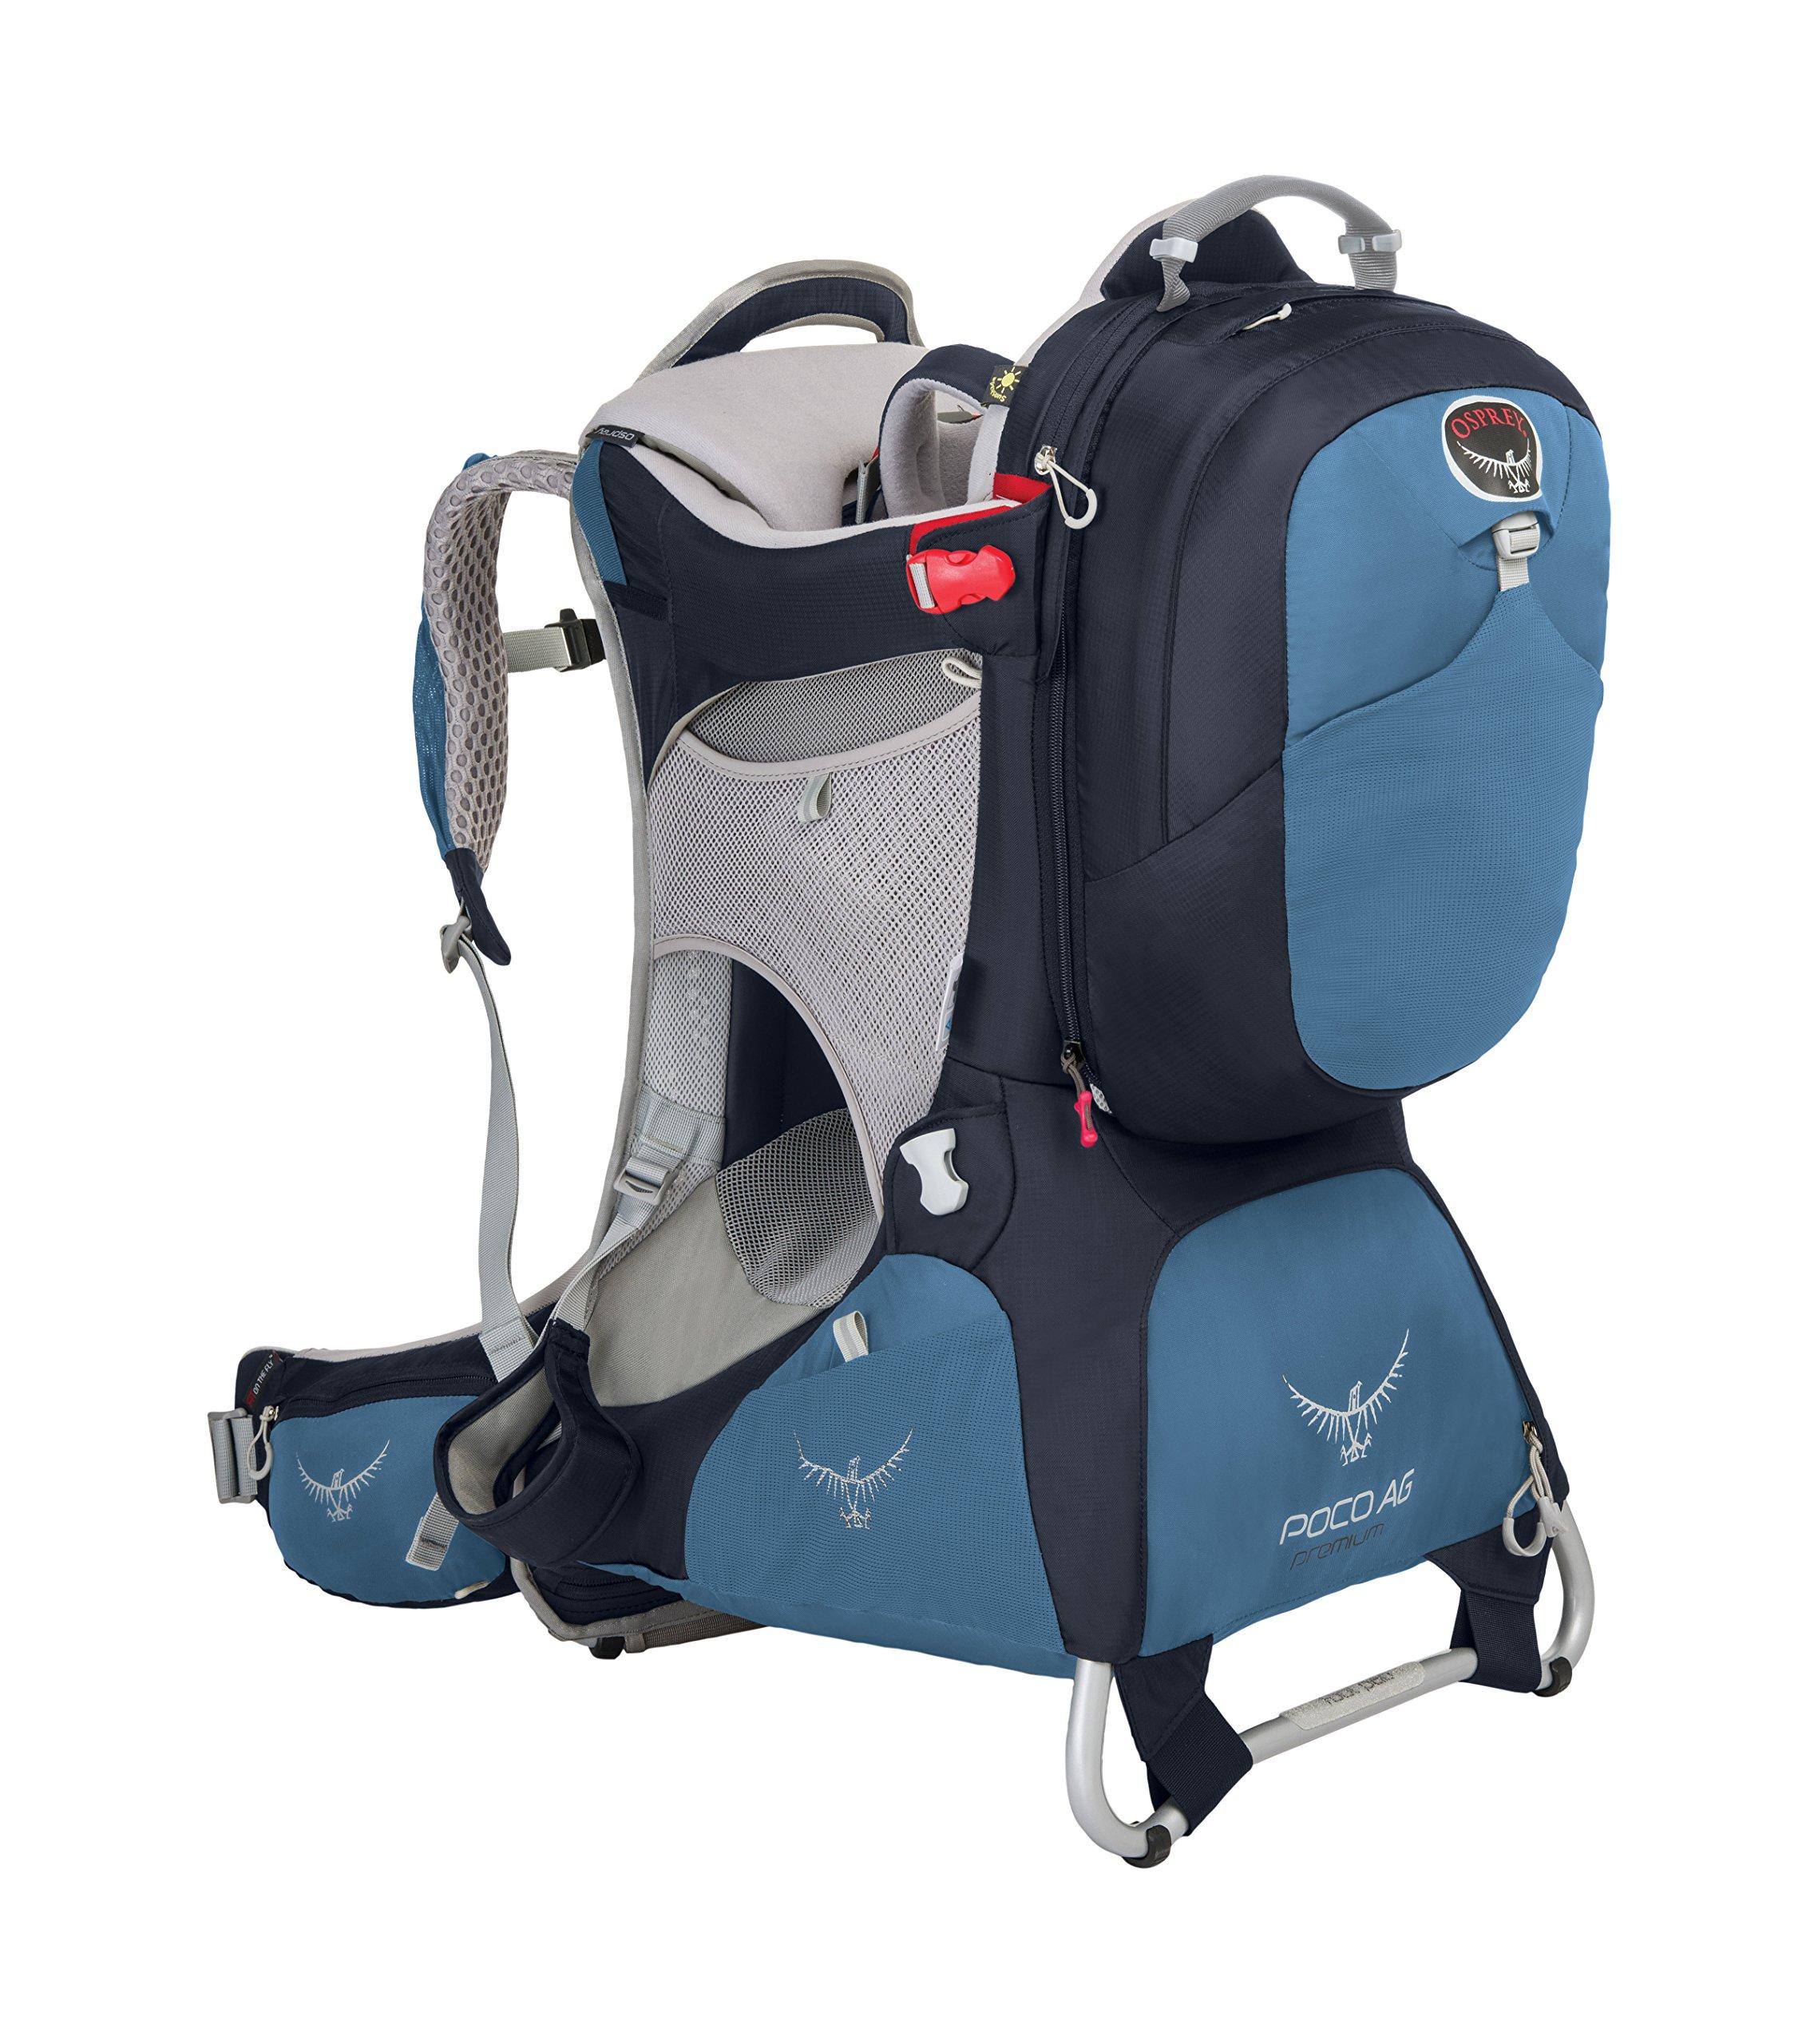 Osprey Packs Poco AG Premium Child Carrier, Seaside Blue